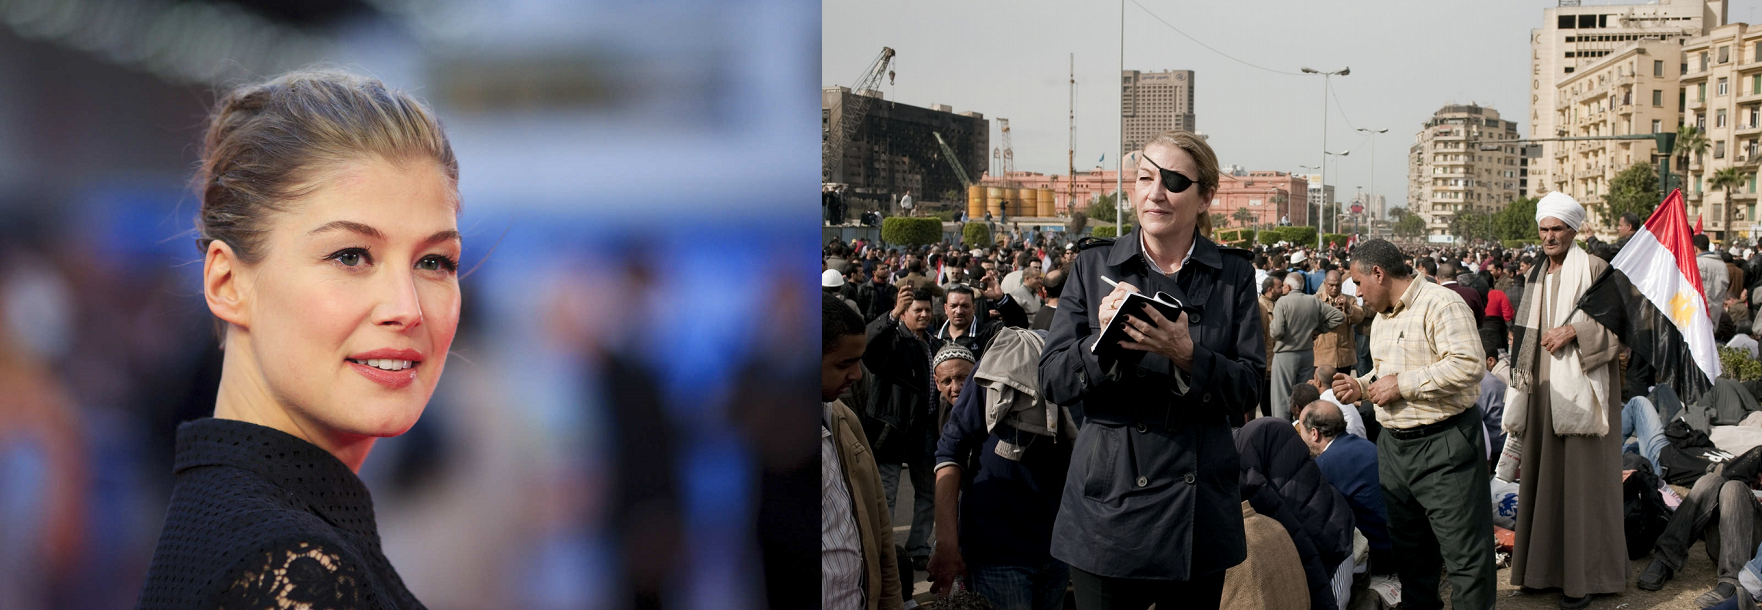 Rosamund Pike vai interpretar repórter Marie Colvin em drama